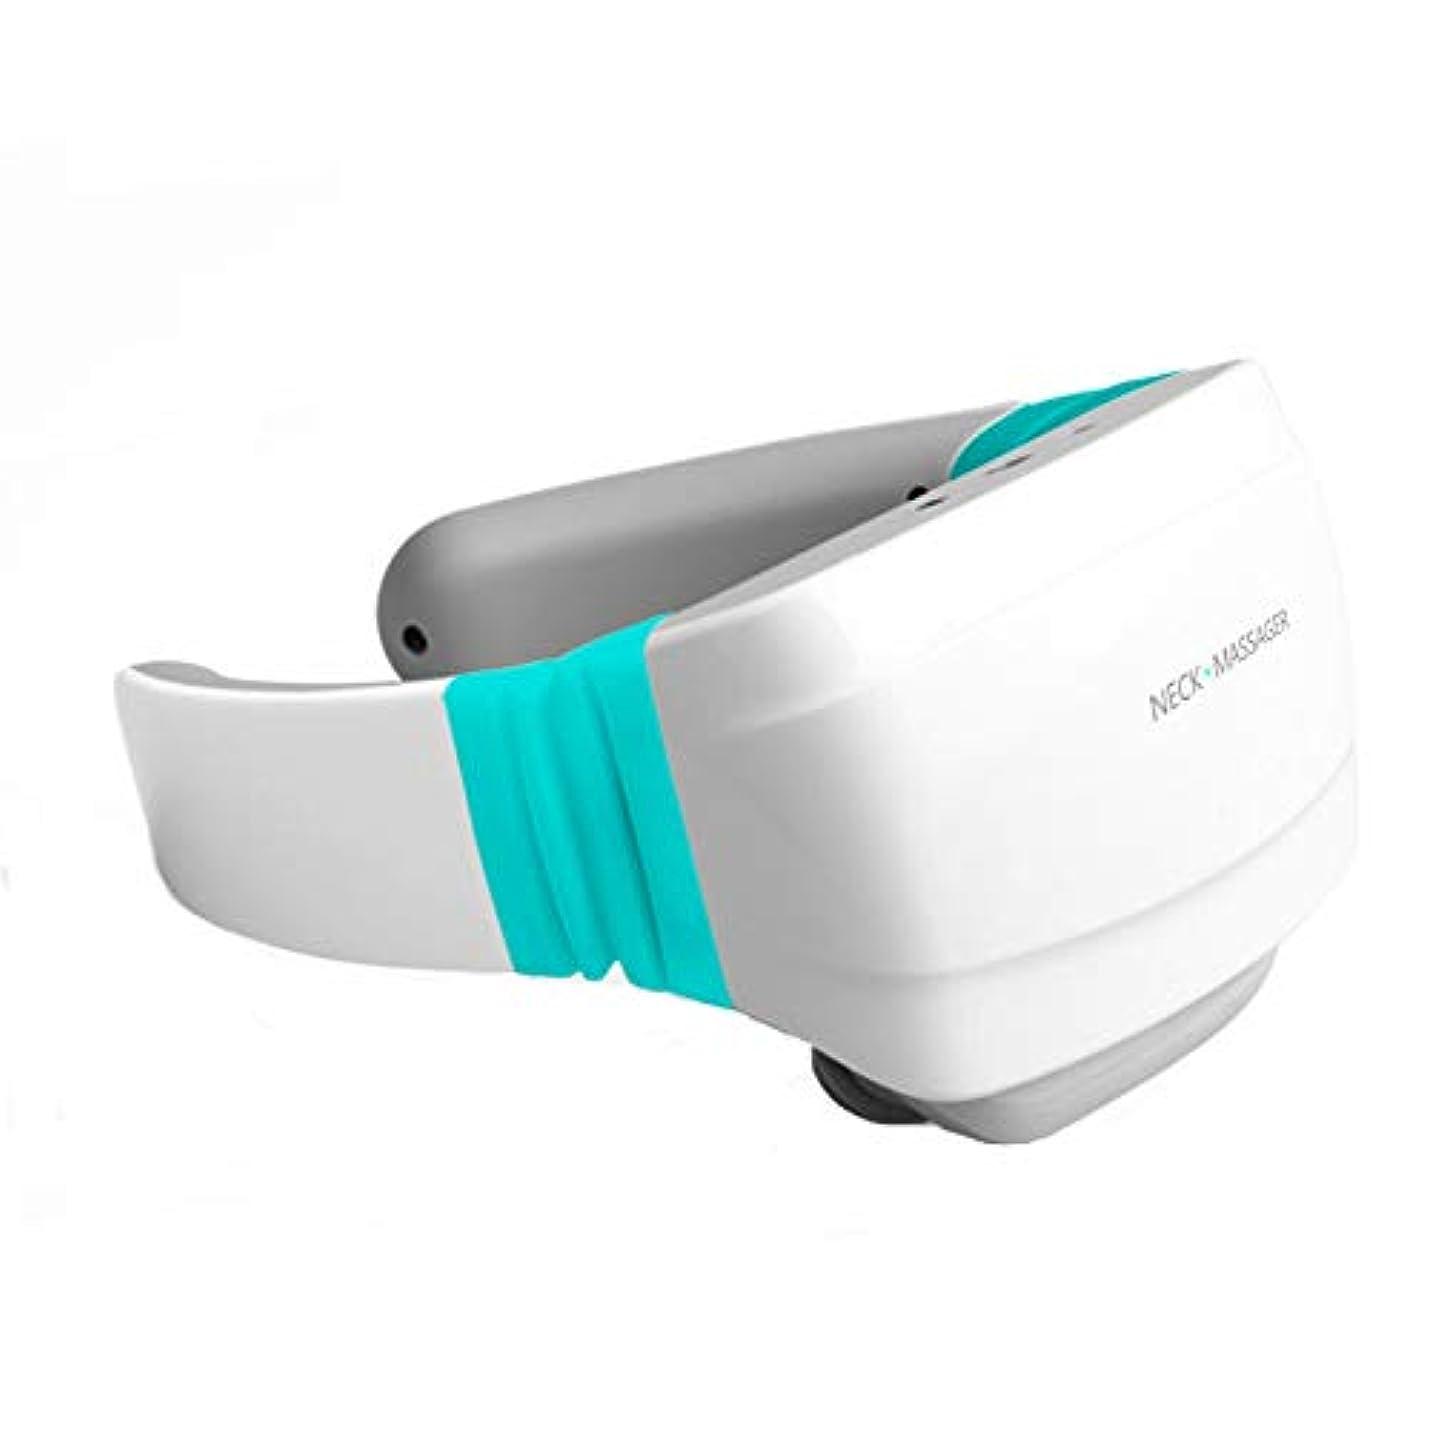 首、家庭での使用、車、オフィス旅行の首のマッサージ機器のための熱深練りマッサージ付き指圧マッサージャー